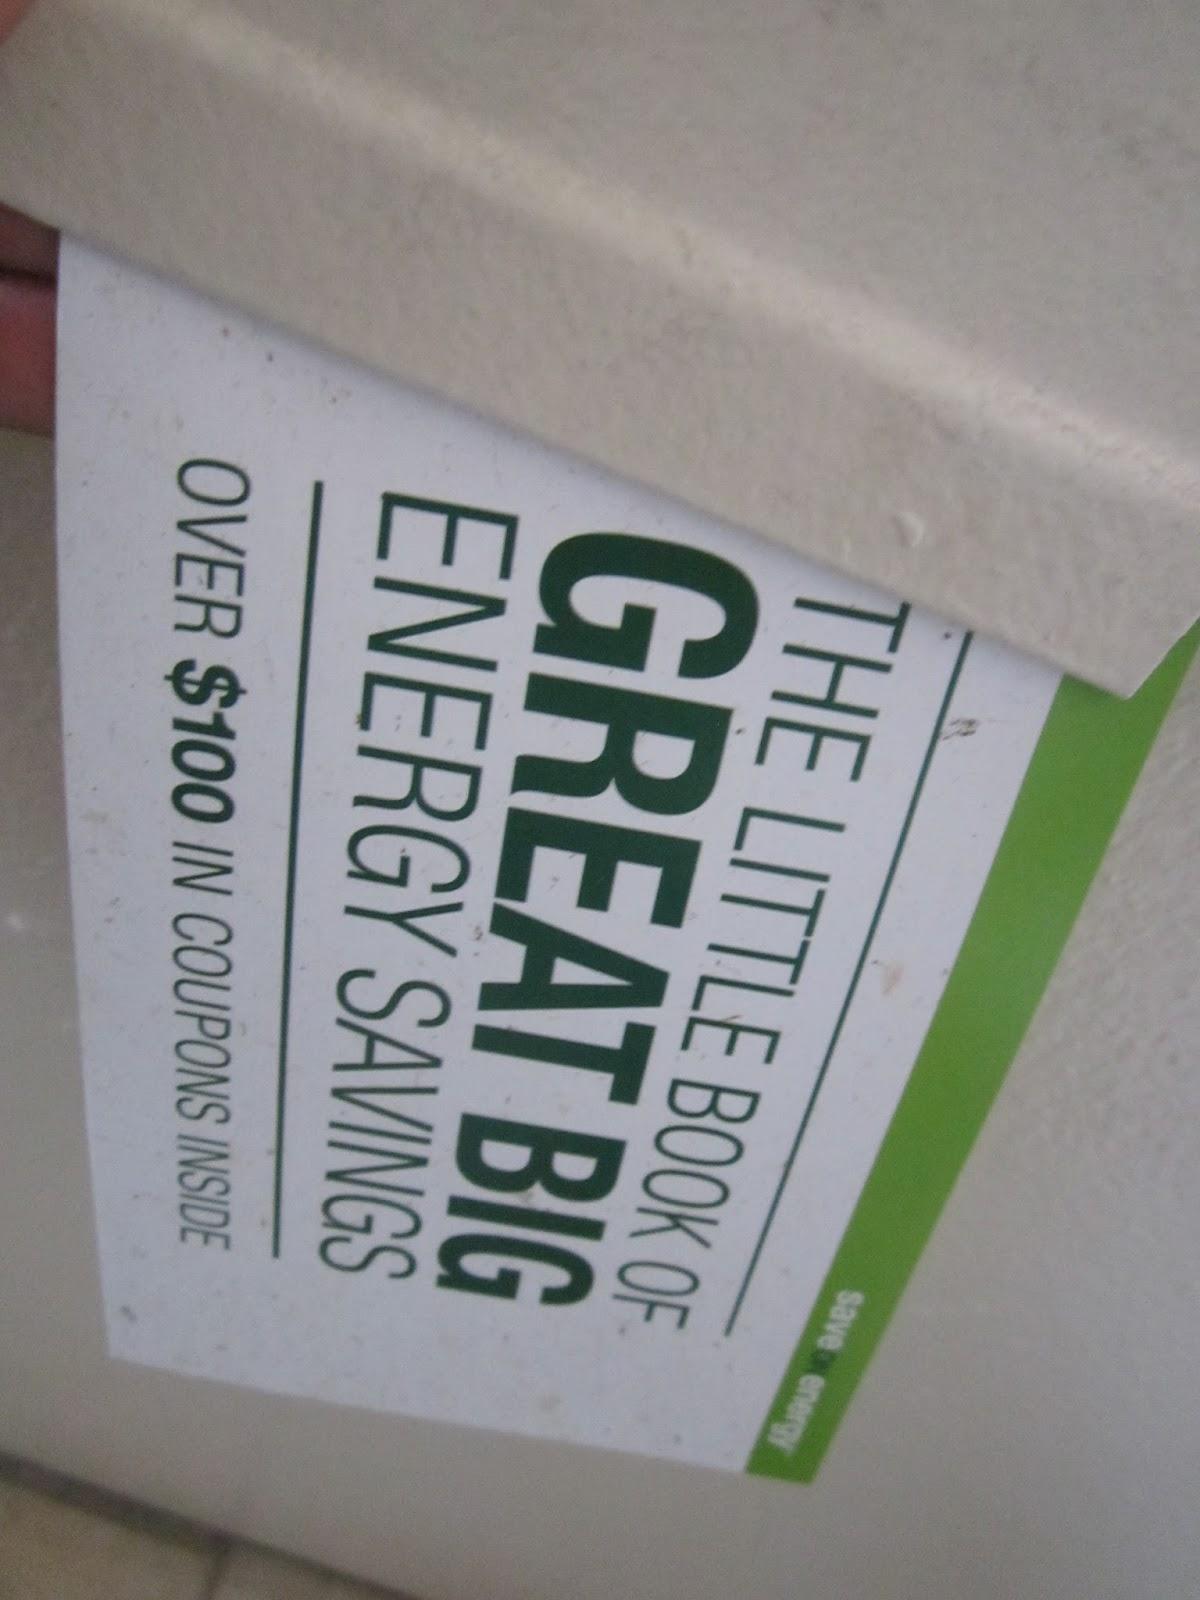 energy savings coupons